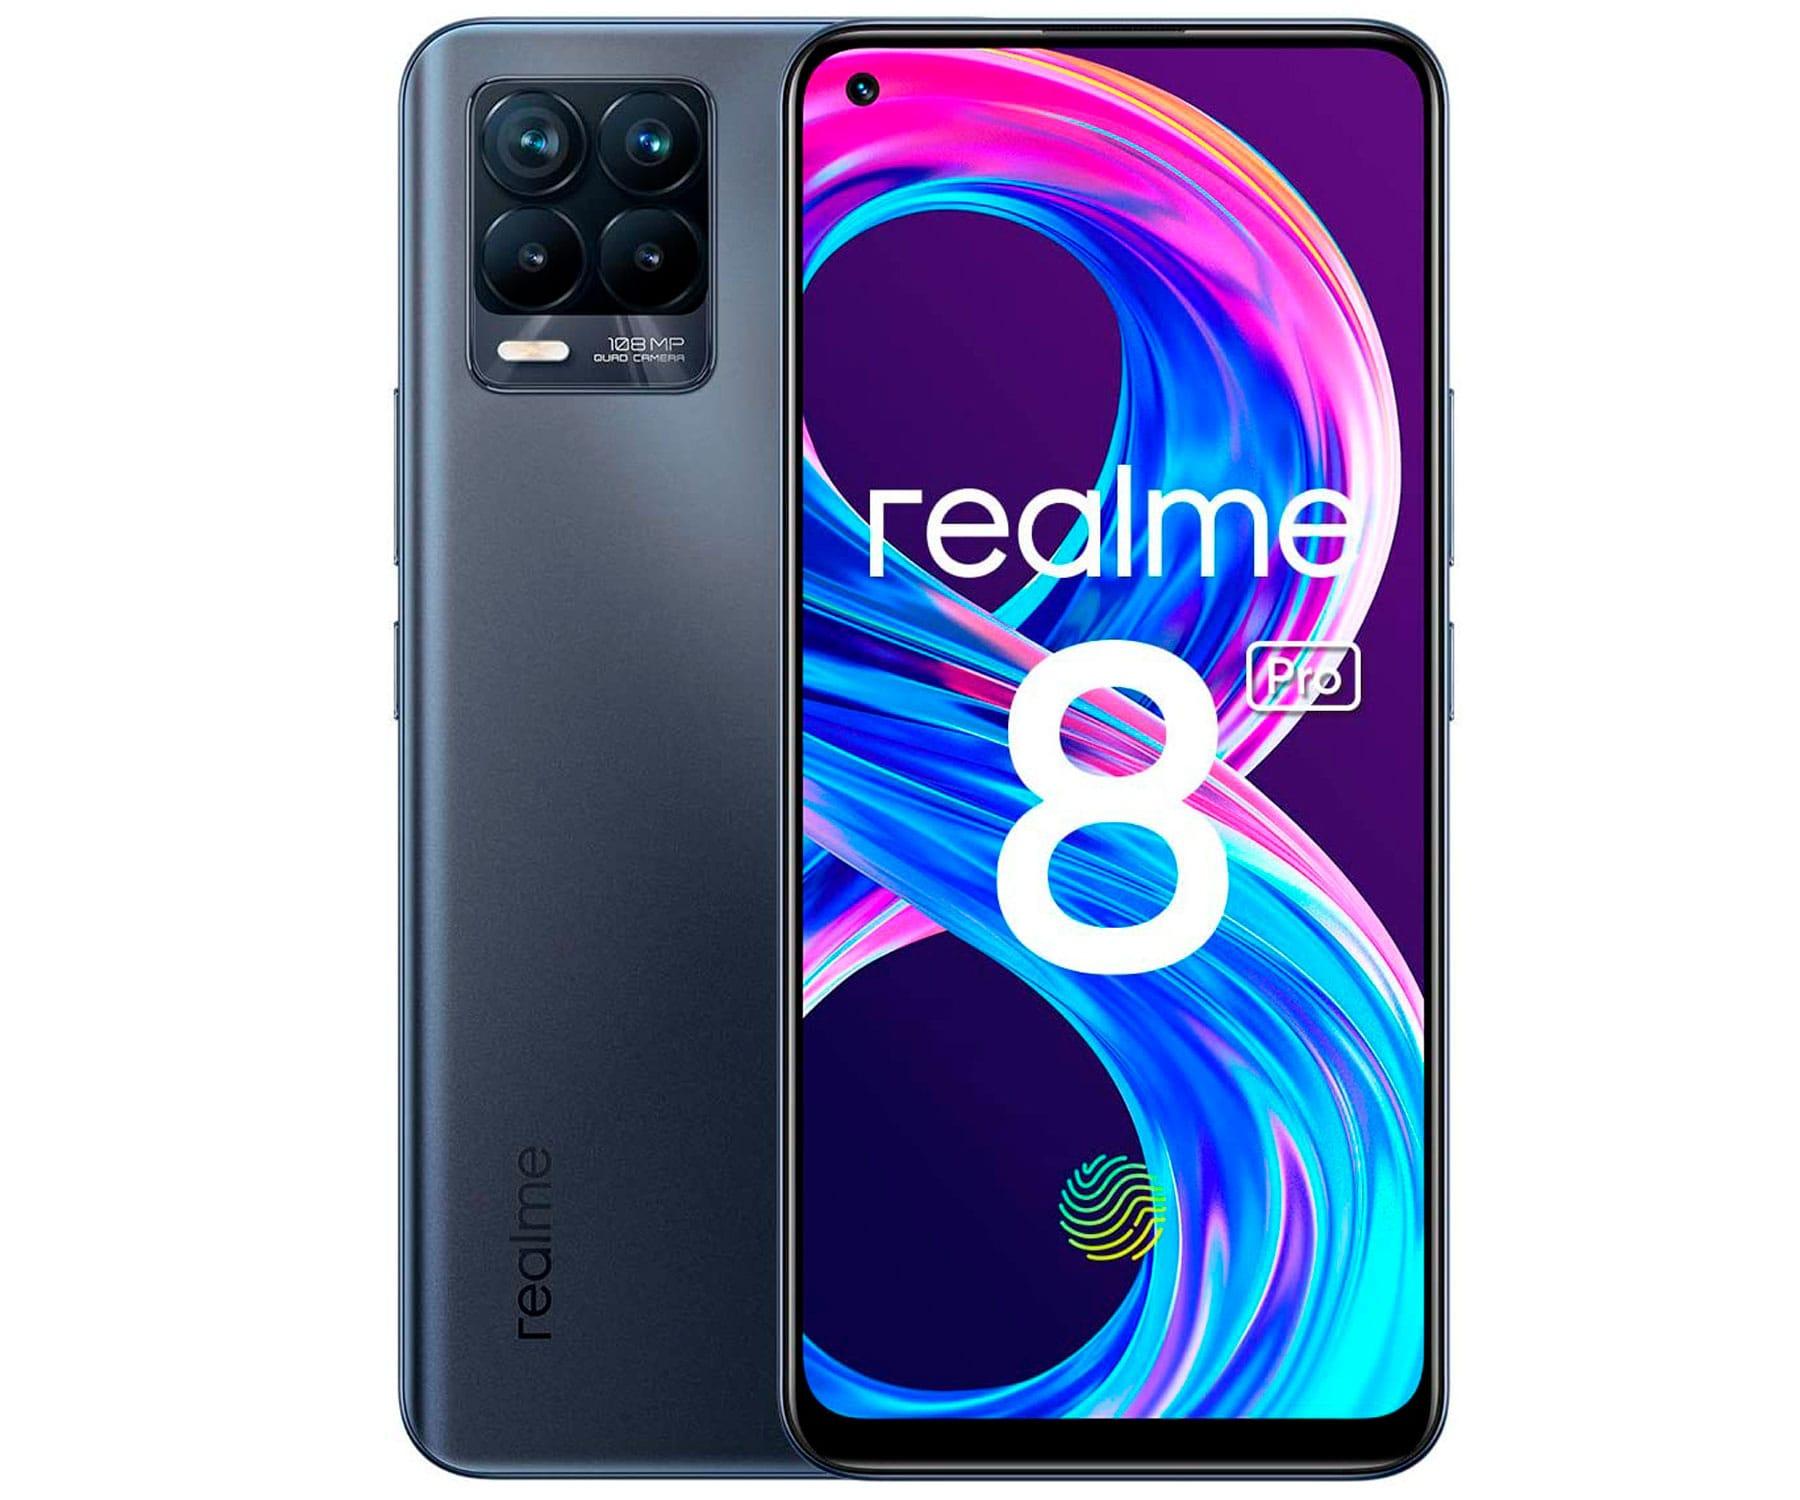 REALME 8 PRO 4G NEGRO DUAL SIM 6.4'' SUPER AMOLED FHD+ OCTACORE 128GB 8GB RAM QUADCAM 108MP SELFIES 16MP